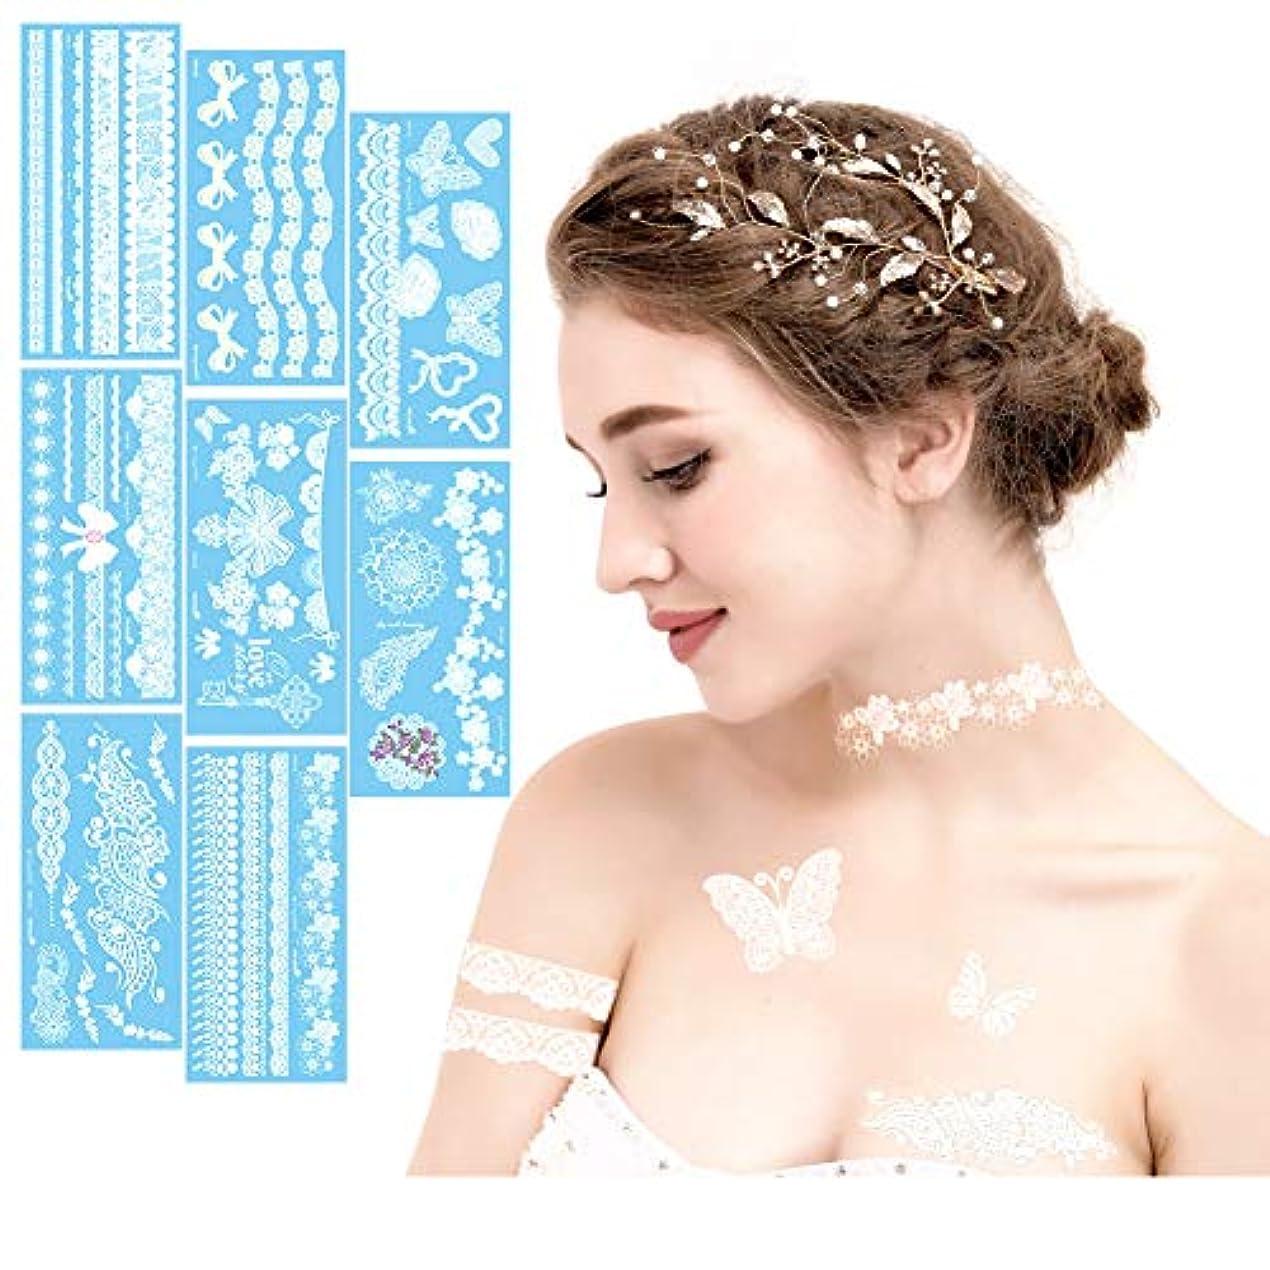 カルシウム統治可能バッジタトゥーシール 女性用 白いレース 8枚 ファッション 一時的な入れ墨 セクシー 結婚式、旅行、パーティー、コスプレ用に TATTOO 誕生日プレゼント高品质 長持ち